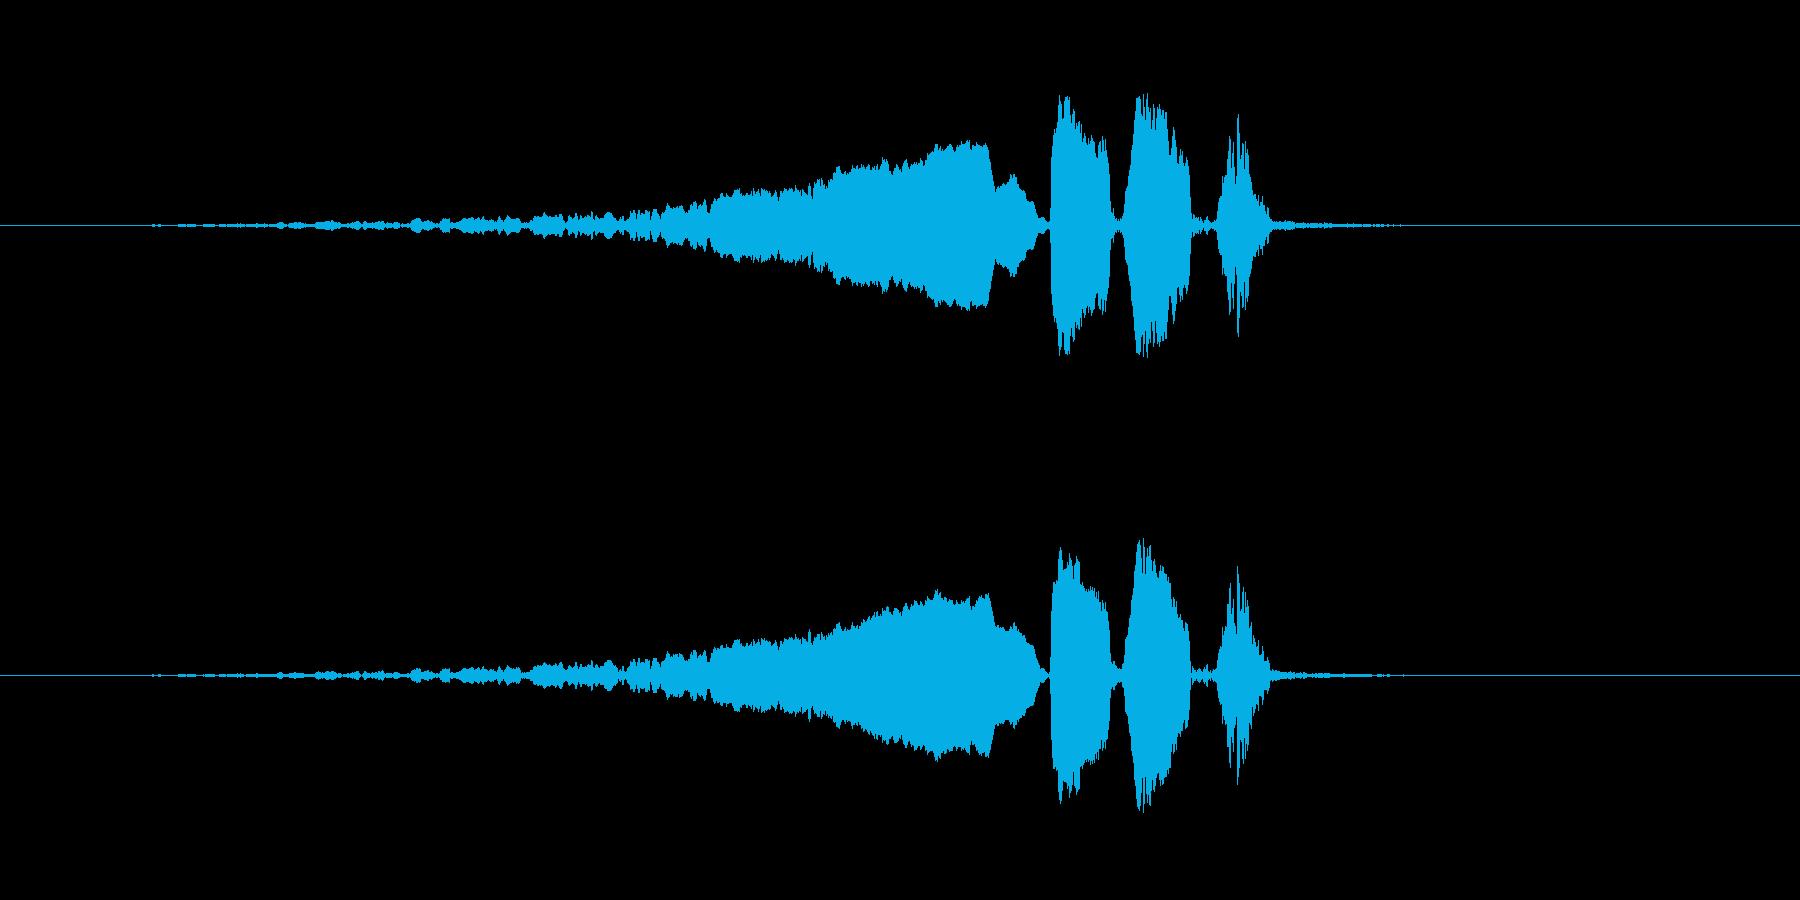 【ウグイス 合成01-3】の再生済みの波形